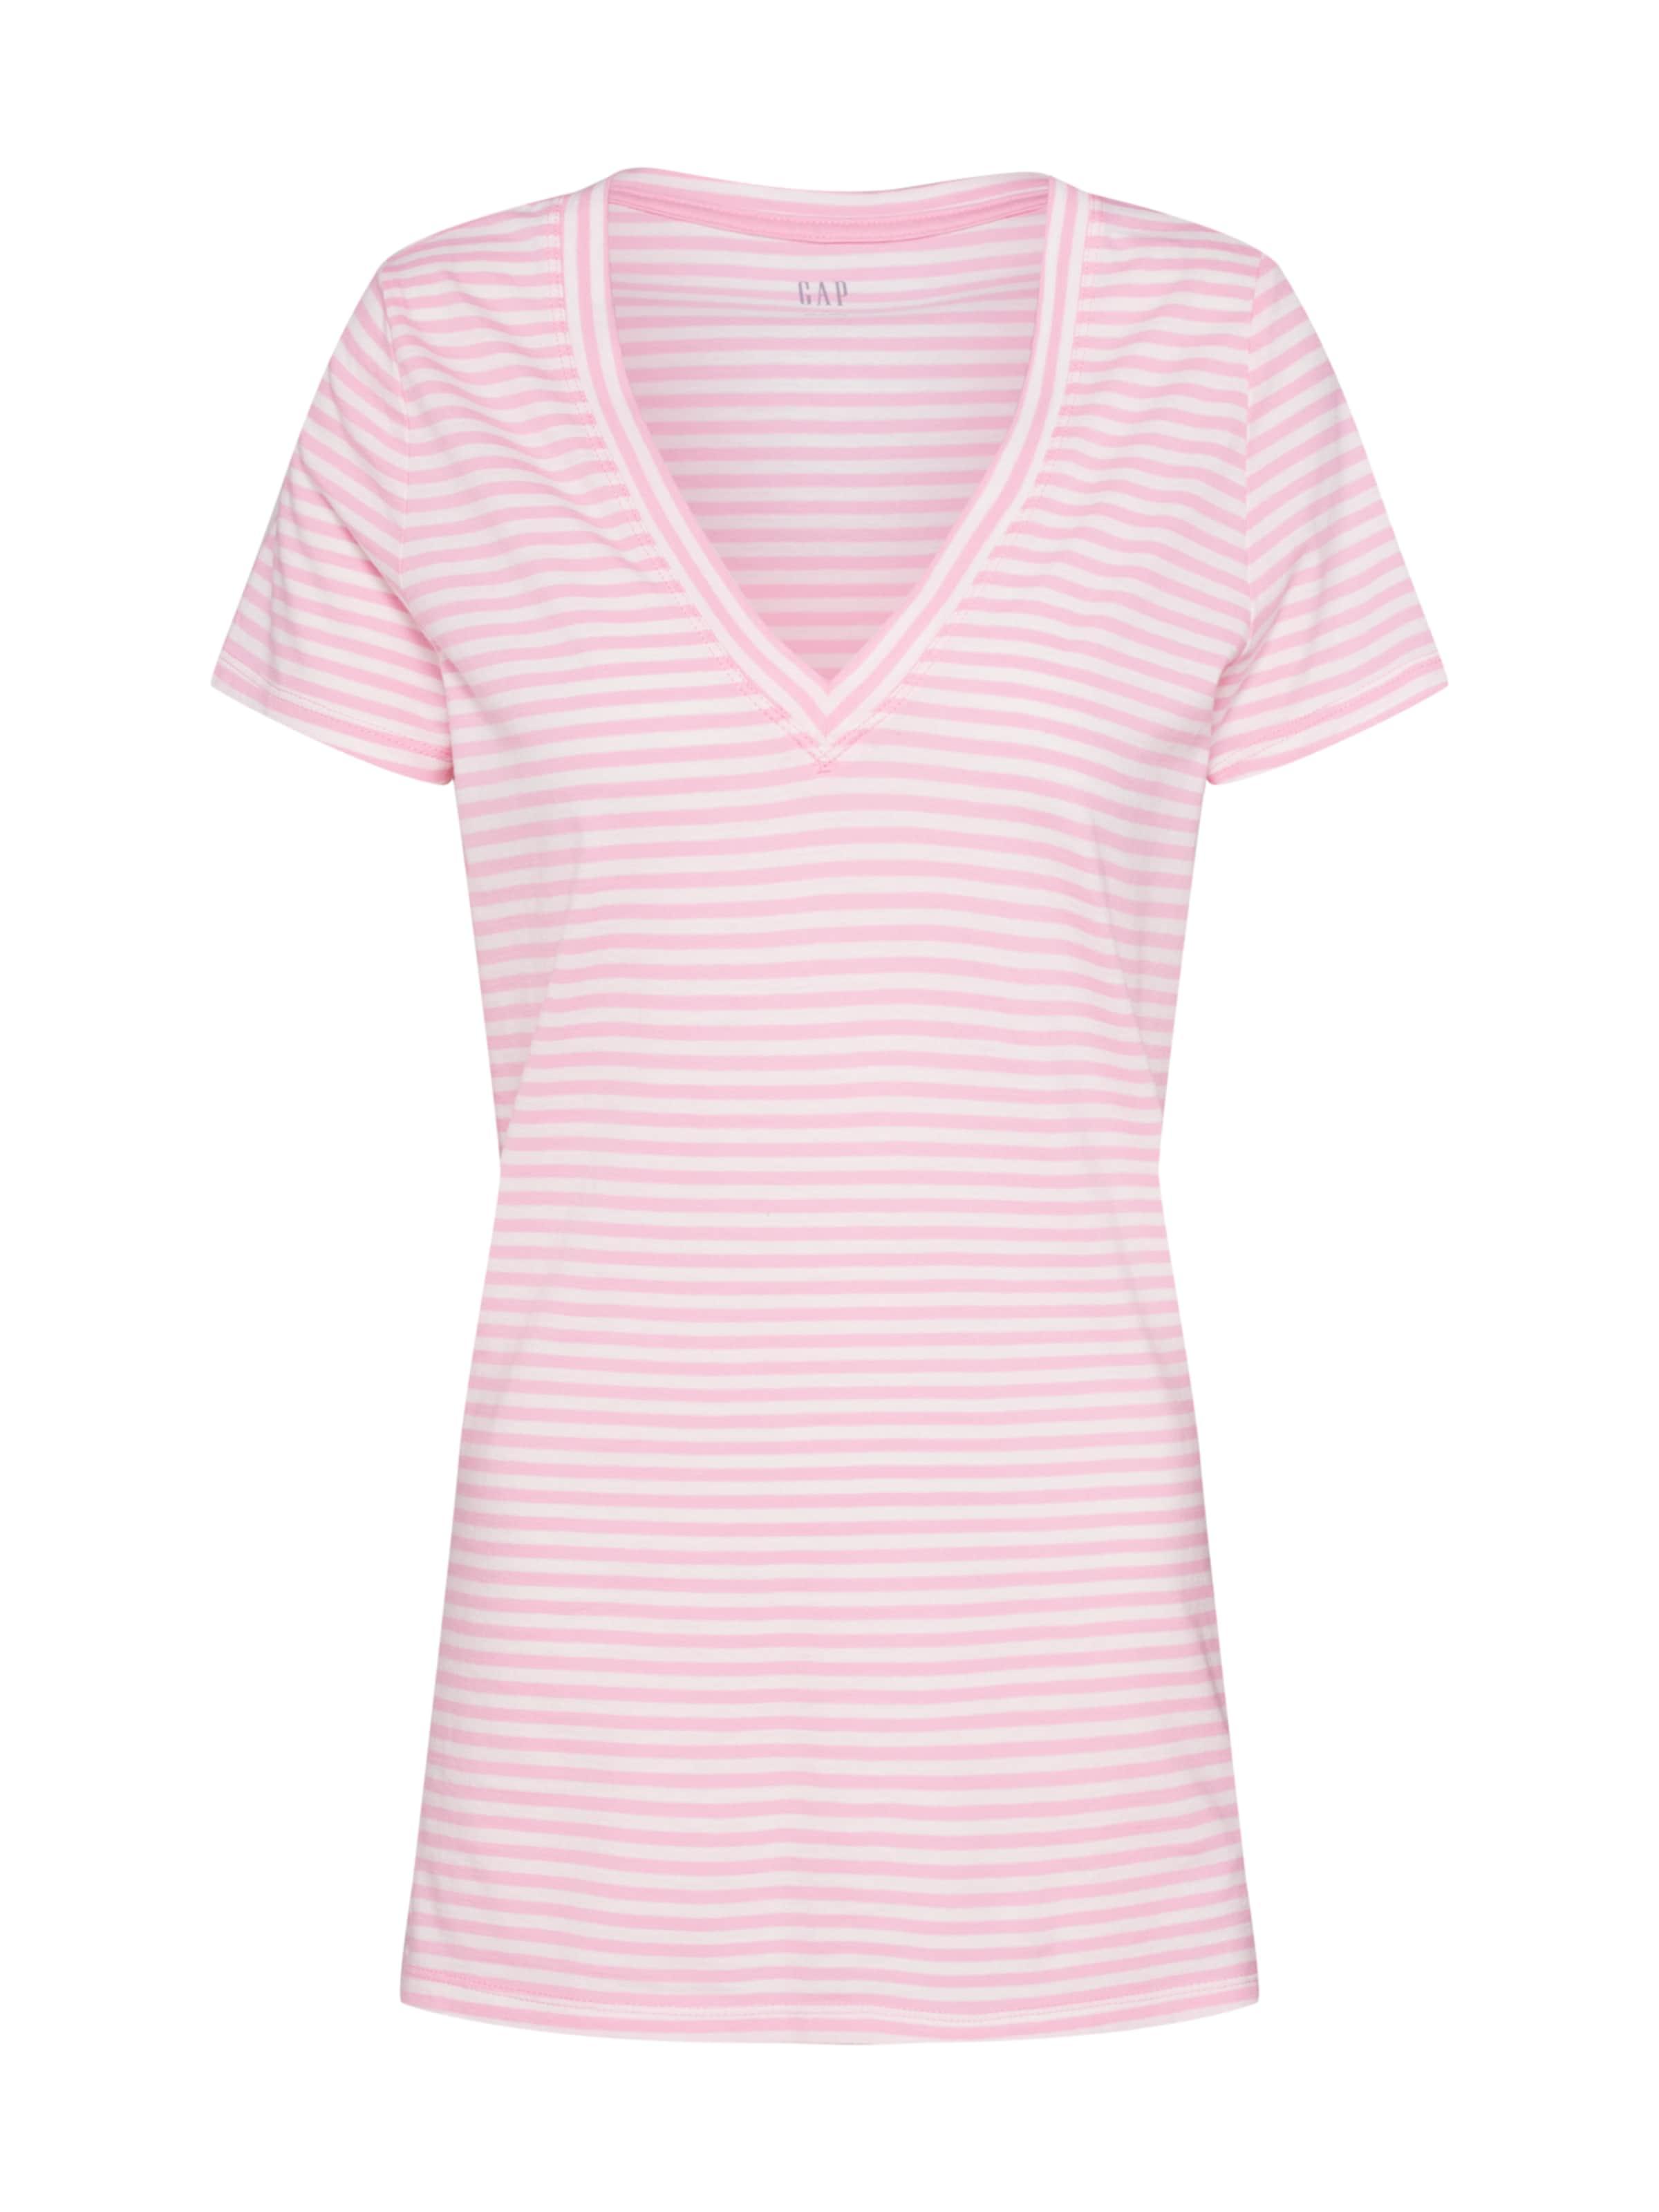 Gap Rib Vnk En Vint RoseBlanc T 'ss shirt Str' nwm8N0